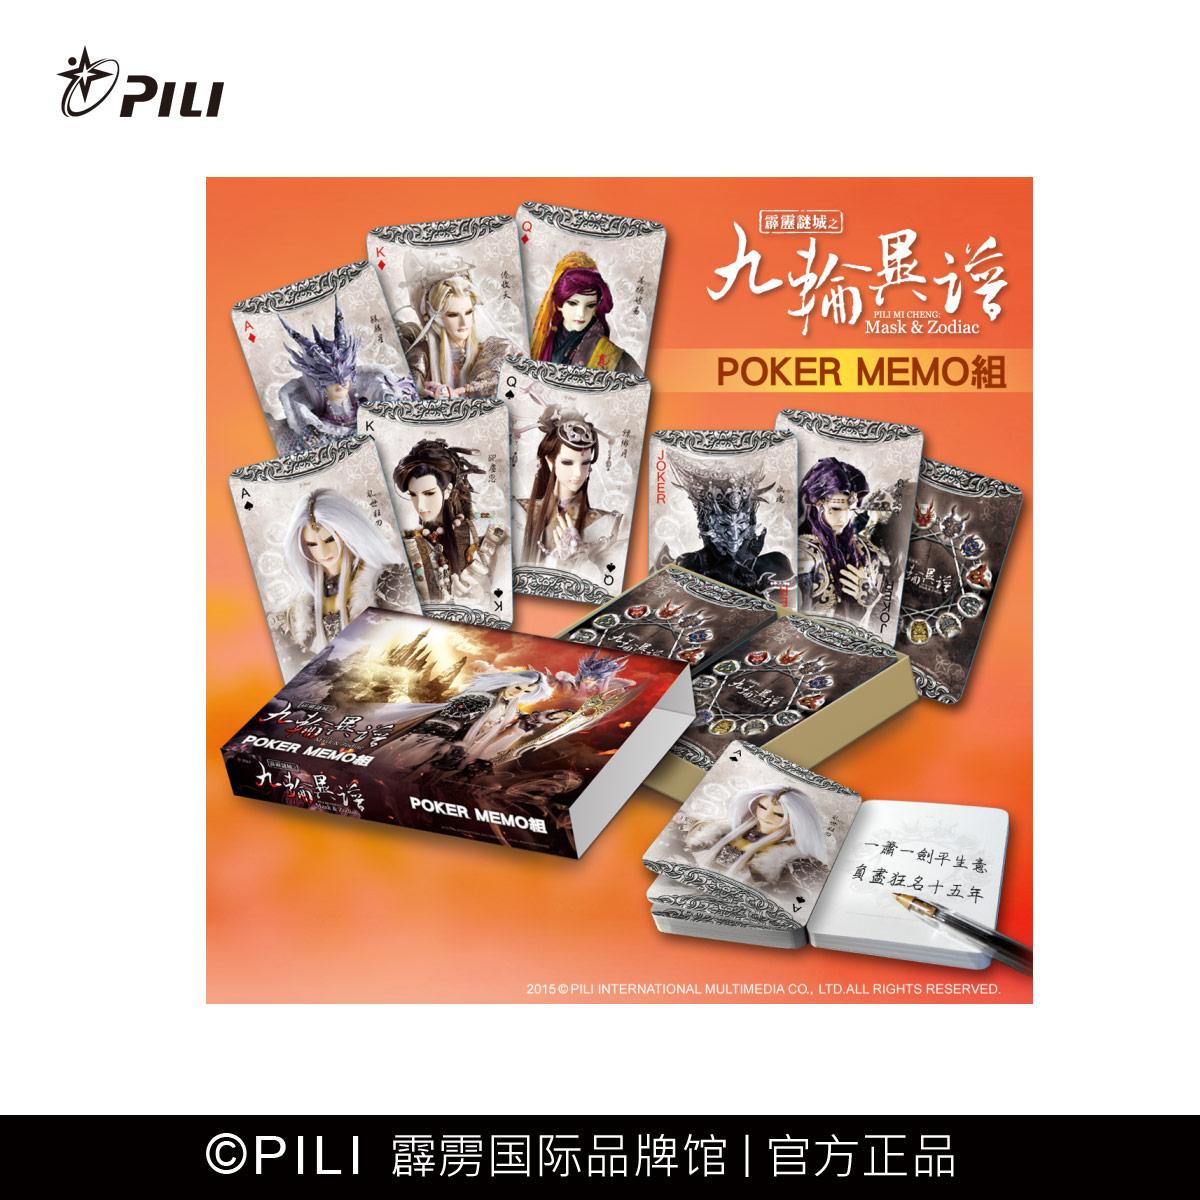 【霹雳布袋戏官方】『霹雳谜城之九轮异谱』POKER MEMO组